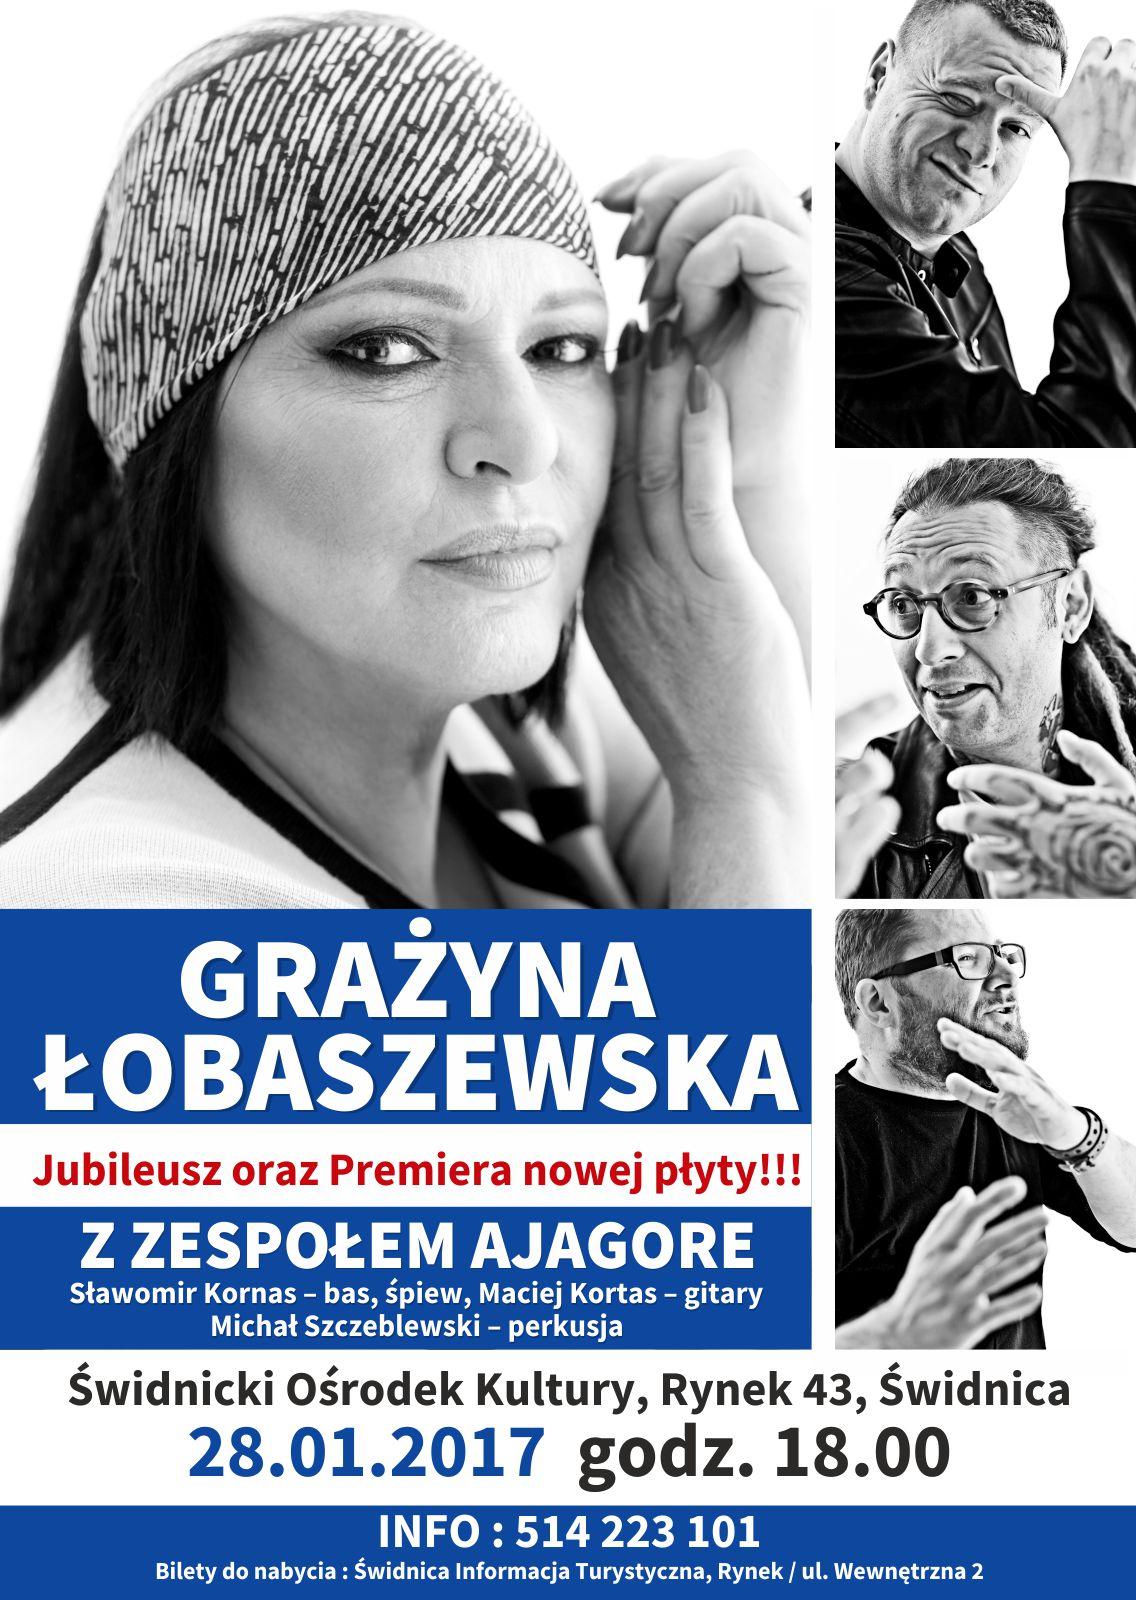 lobaszewska_poster_jubileusz_a3